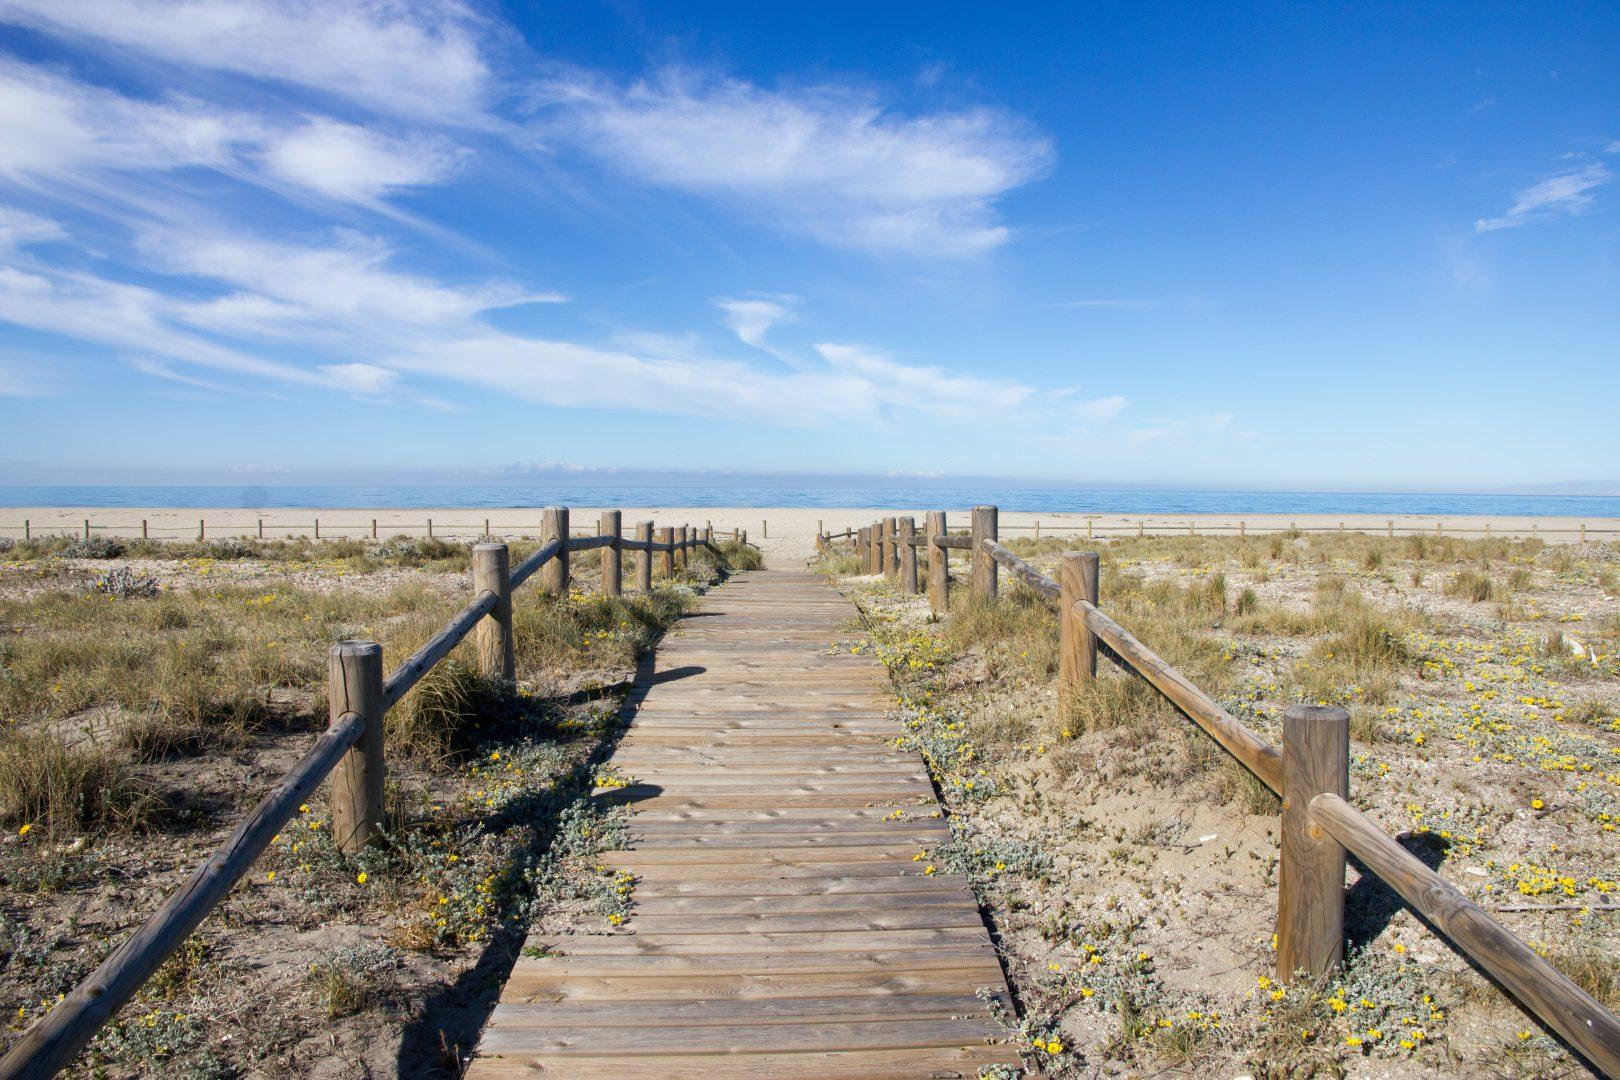 brown wooden boardwalk seashore scenry